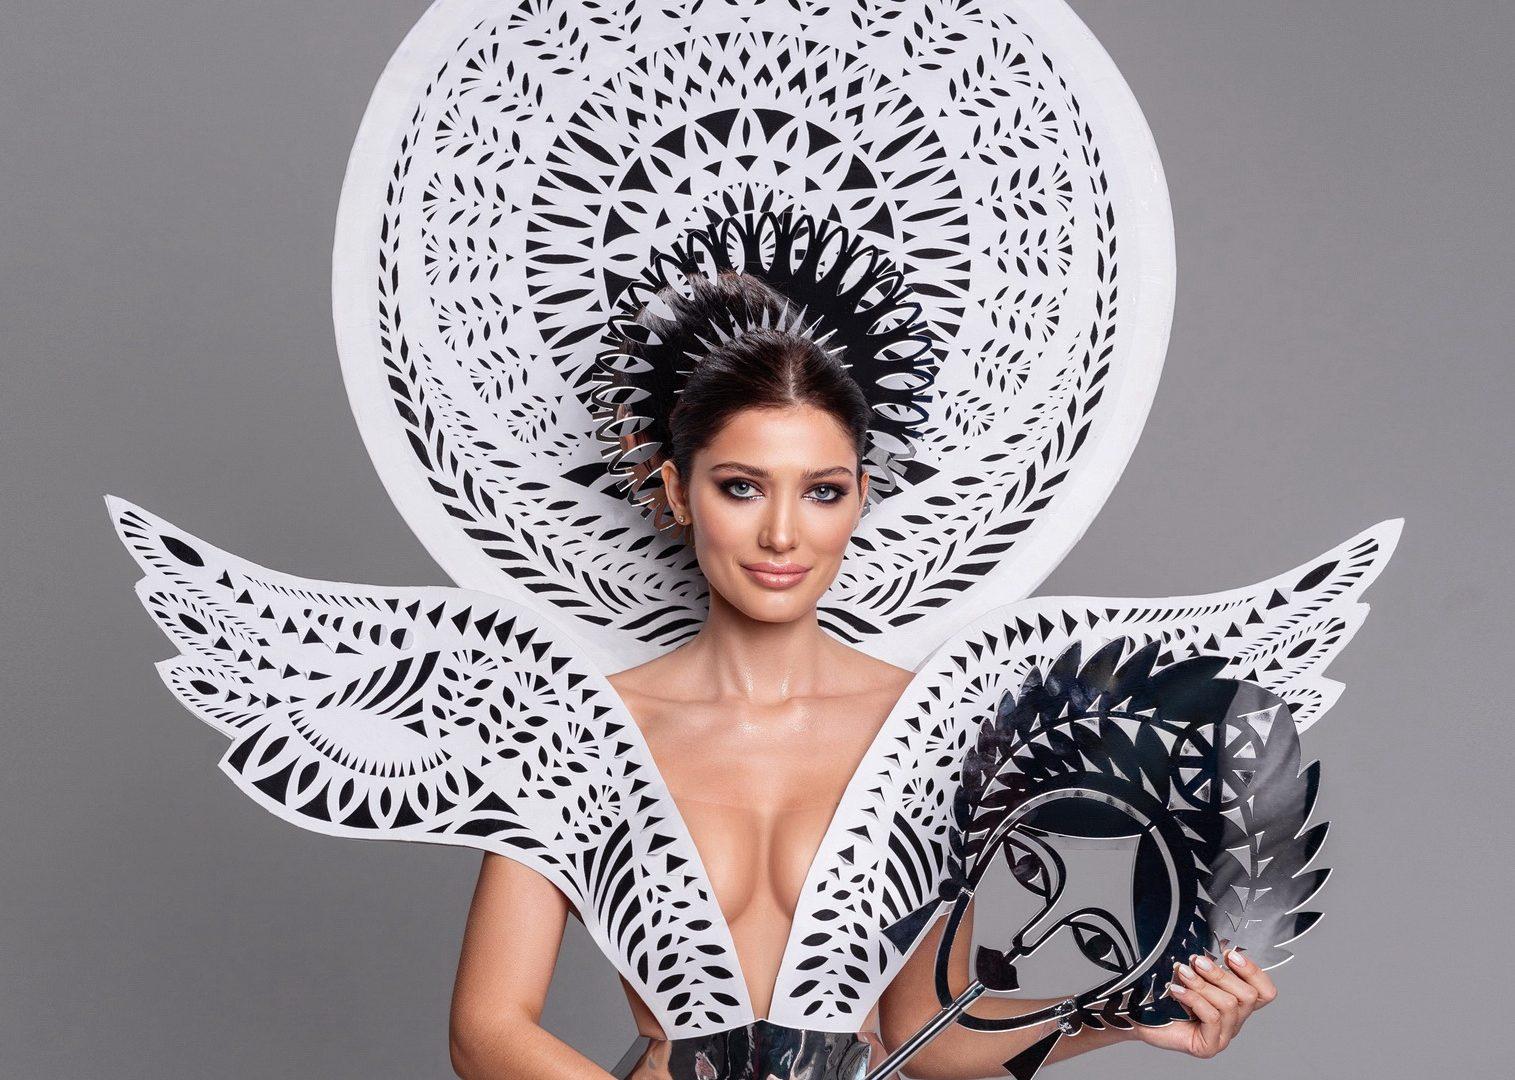 Єлизавета Ястремська вирушила на фінал конкурсу «Міс Всесвіт»